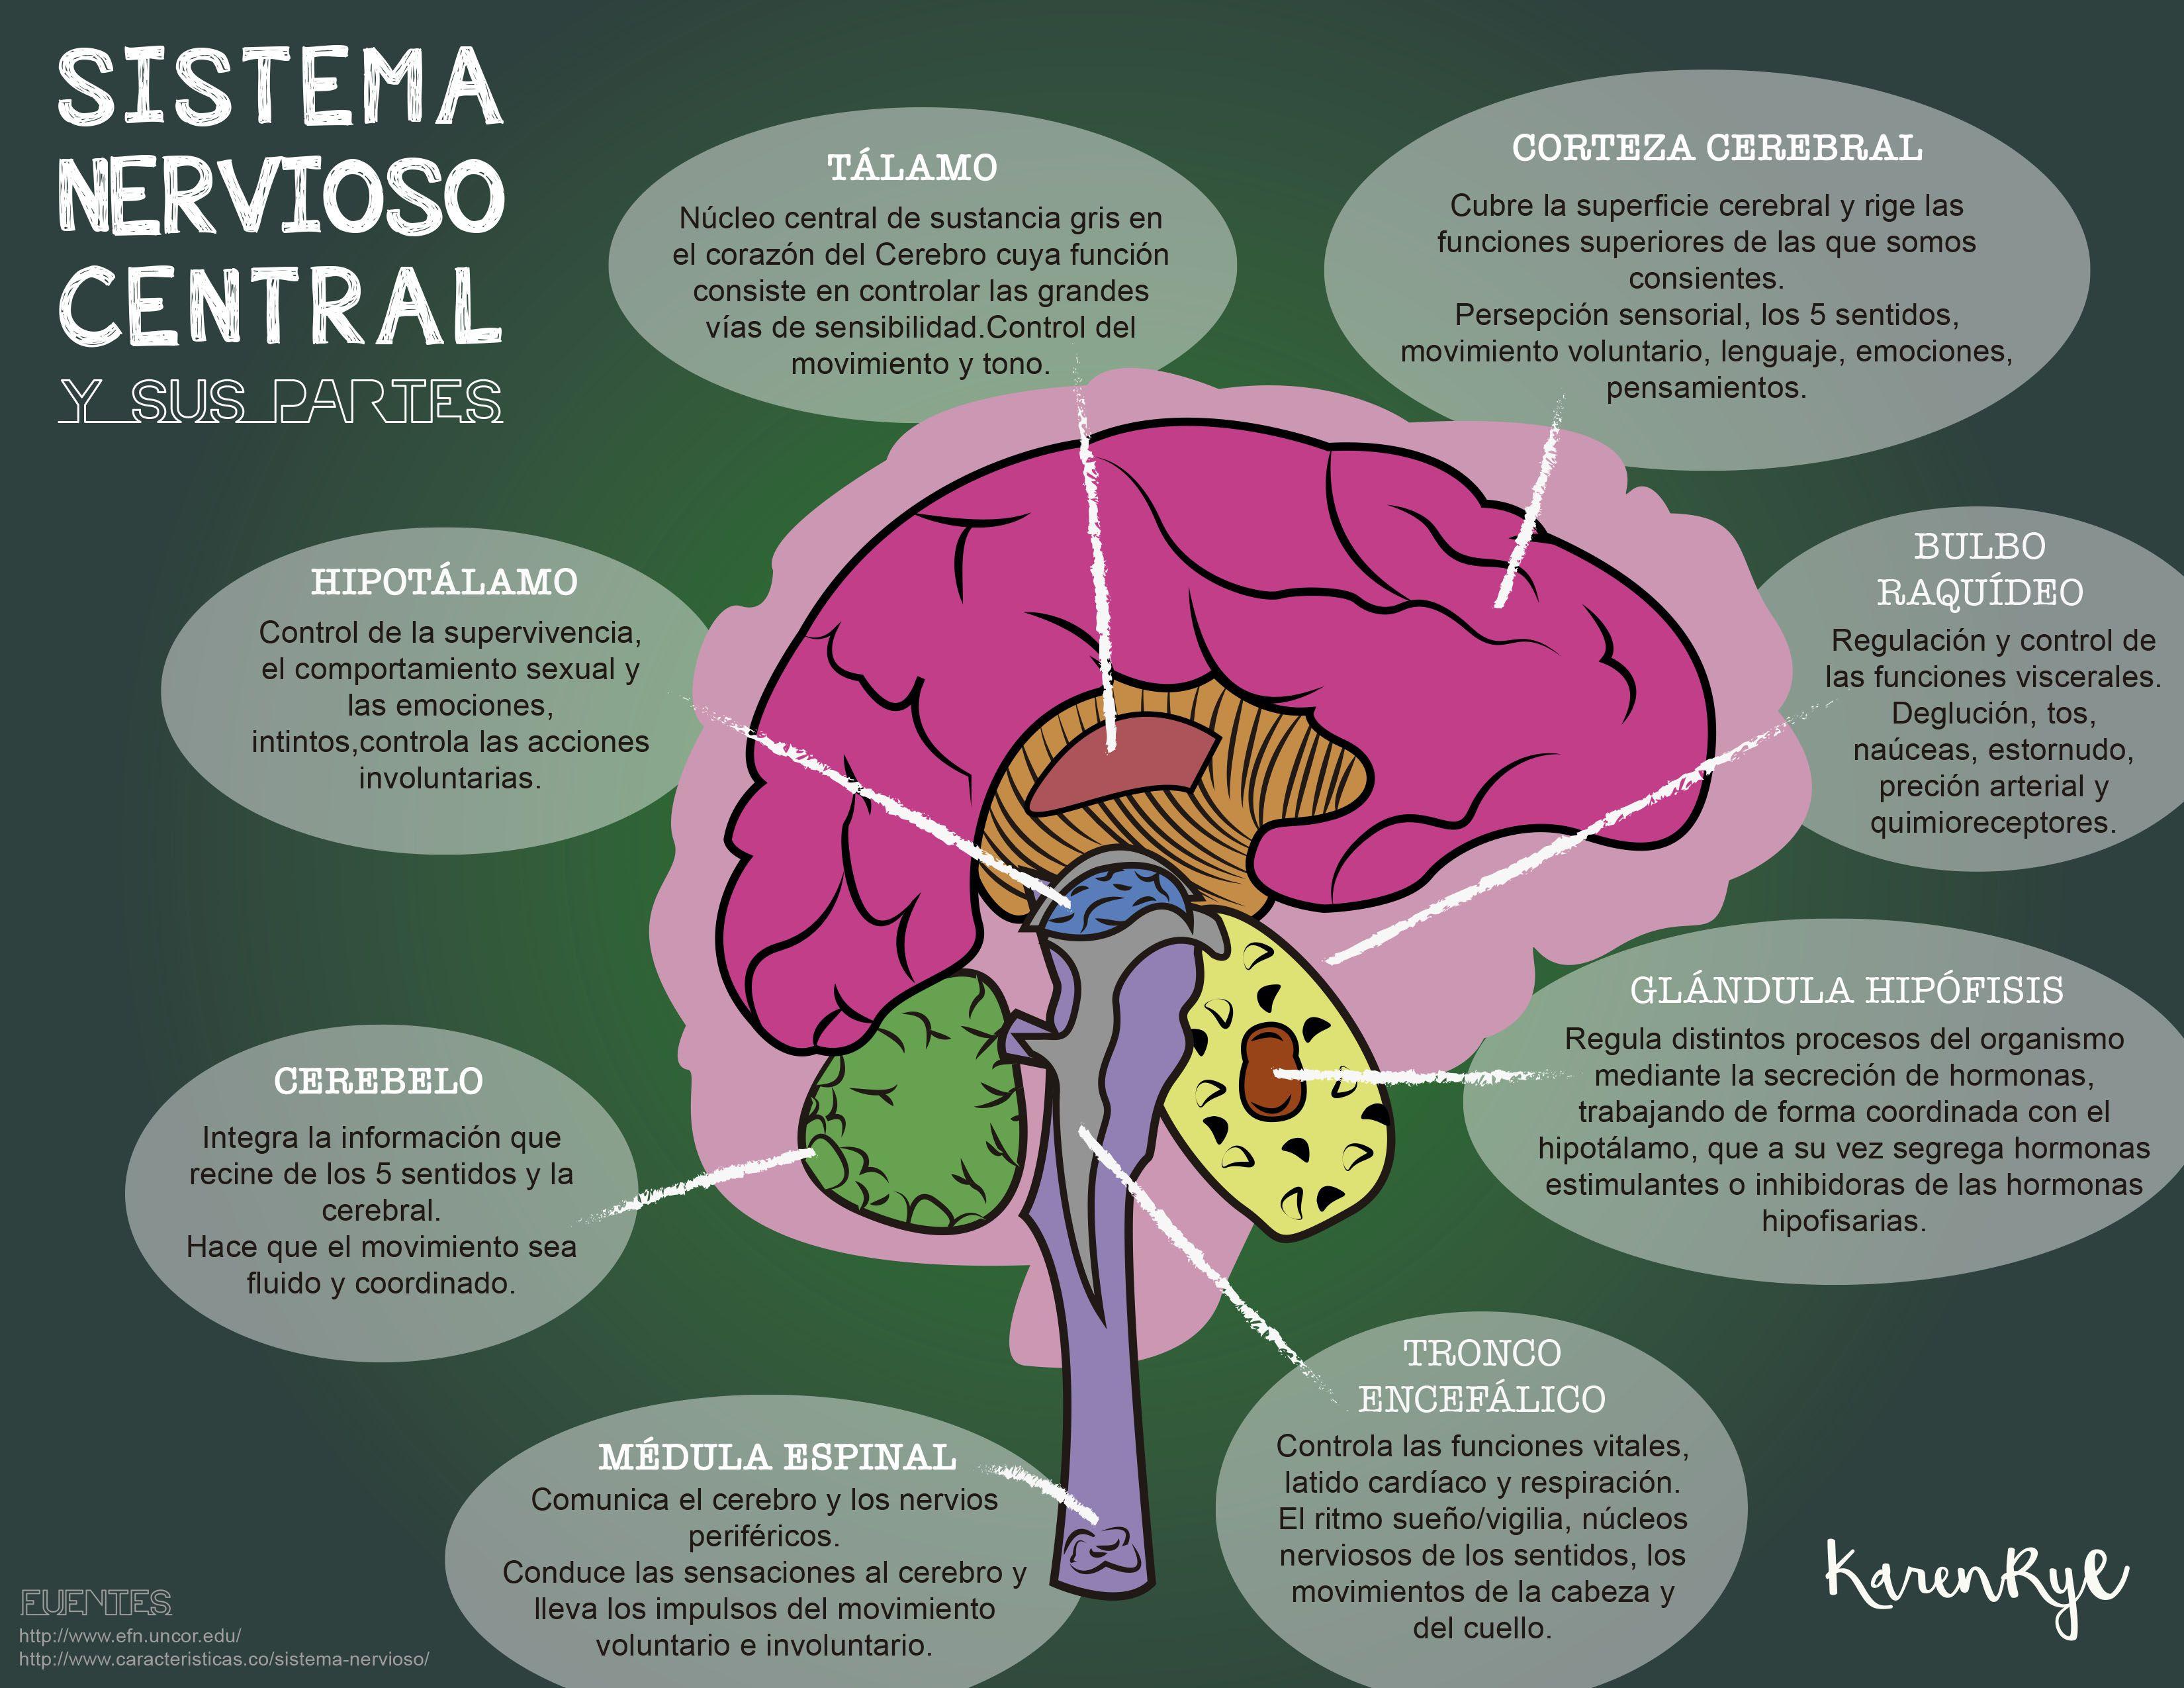 Esquema Del Sistema Nervioso Central Y Sus Partes Cuales Son Las Funciones Del Sistema Sistema Nervioso Central Sistema Nervioso Maqueta Del Sistema Nervioso